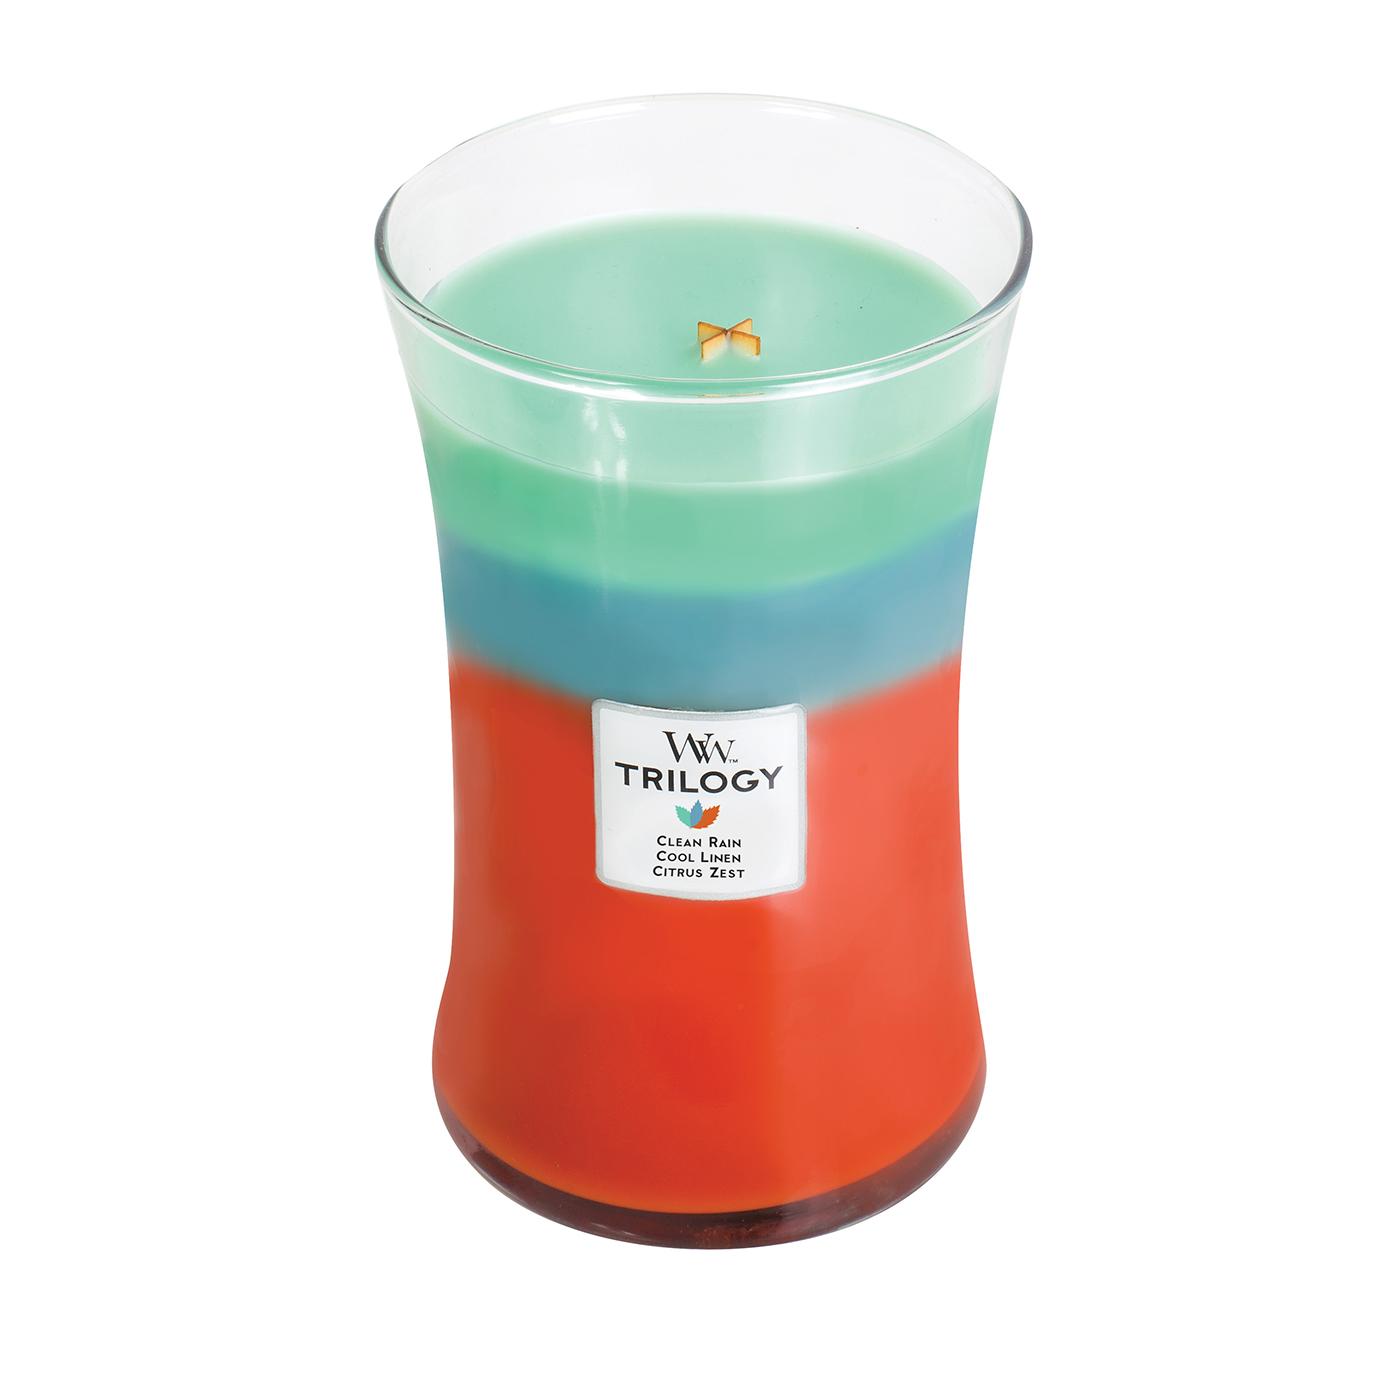 Восхитительный трехслойный аромат состоит из Clean Rain, Cool Linen и Citrus Zest. Clean Rain - этот запах, нейтрализующий аромат, напоминает запахи, сразу после весеннего дождя. Cool Linen - этот аромат, нейтрализующий запах, дает вам запах чистого, высушенного на солнце льна (чистого белья)на свежим воздухе. Citrus Zest - этот аромат, нейтрализующий запах, содержит бодрящий апельсин в сочетании с нотами лимонной цедры и мандаринового расцвета. Ароматические свечи от WoodWick позволят вам почувствовать уютный комфорт пылающего камина в любом месте вашего дома, благодаря фитилю, сделанного из органического дерева. У свечи длинное танцующее пламя и успокаивающее потрескивание при горении. Изготовлена она из высококачественной соевой восковой смеси, которая равномерно сгорает и выделяет разные ароматы. Все свечи имеют стеклянную упаковку и древесную крышку. Эти роскошно душистые свечи будут гореть примерно в течение 130 -180 часов.